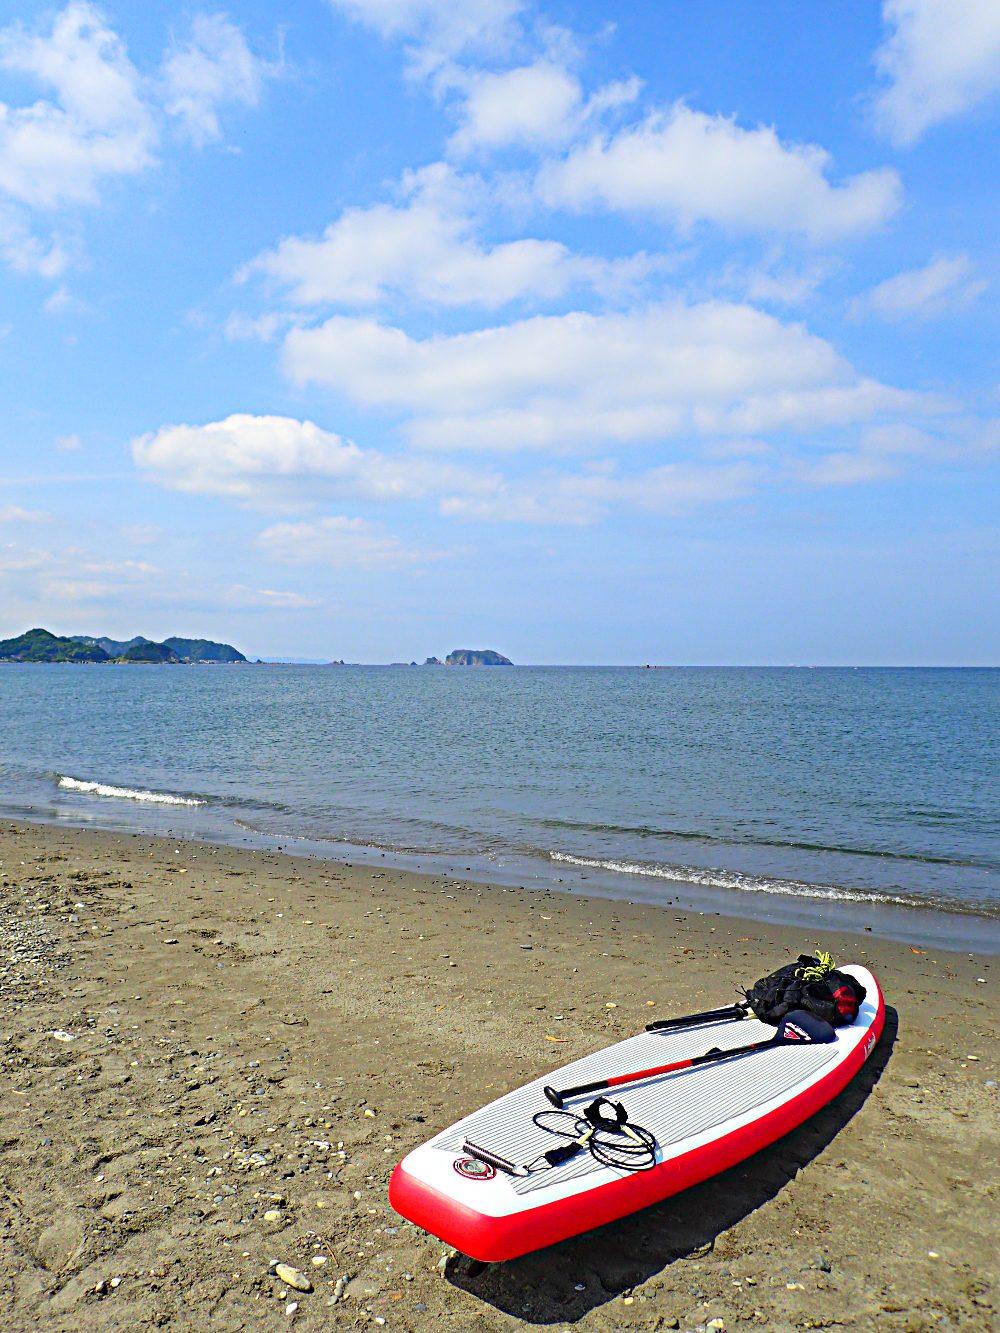 内房の保田から富浦海岸まで。片道切符のショートツーリングである。